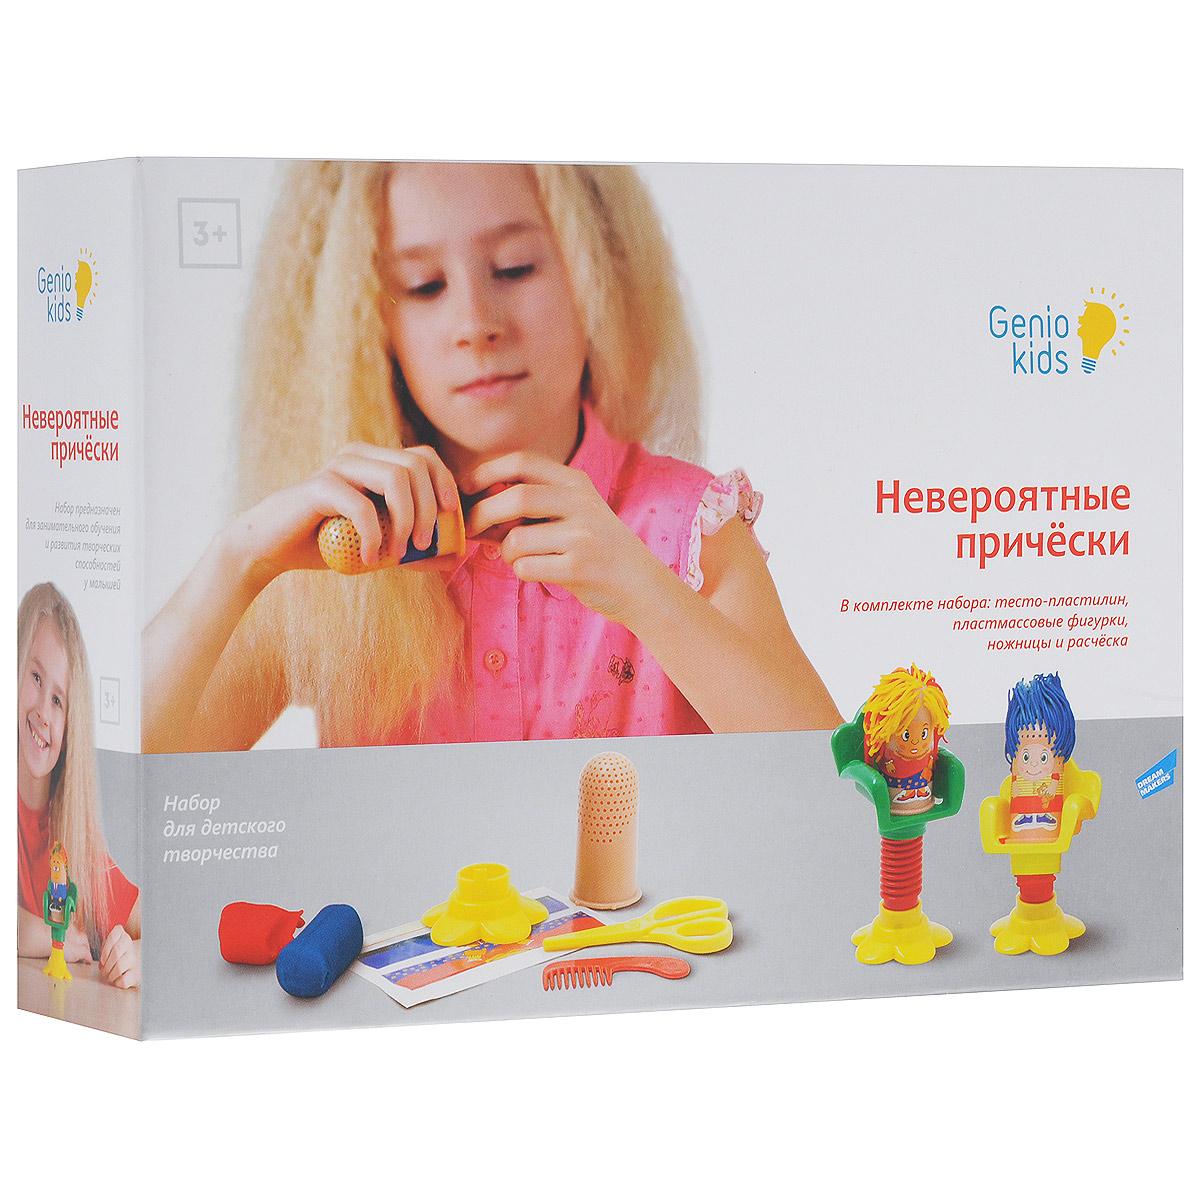 Набор для лепки Genio Kids Невероятные прически, 10 предметовTA1025Набор Genio Kids Невероятные прически стать настоящим парикмахером-стилистом. С помощью специальных ножниц и расчески малыш сделает прическу любой формы и длины. Тесто даст ему возможность поэкспериментировать не только с формой, но и с цветом. В комплект набора входит тесто-пластилин 3 цветов (желтого, красного, синего), лист с наклейками, основание (подставка), винтовой пресс, кресло, фигурка, пластиковые ножницы, расческа. Тесто - это натуральный и совершенно безвредный материал, являющийся лучшей заменой пластилину. К радости мам оно легко смывается, не оставляя после себя грязи, и проще чем пластилин принимает желаемую форму. Тесто может быть мягким как глина, когда ребенок лепит, и твердым как гипс, когда вы решите надолго сохранить изготовленное из него изделие. Занятие лепкой помогает формированию творческого мышления, развивает мелкую моторику рук, координацию движений и цветовое восприятие. Порадуйте вашего ребенка таким замечательным подарком!...